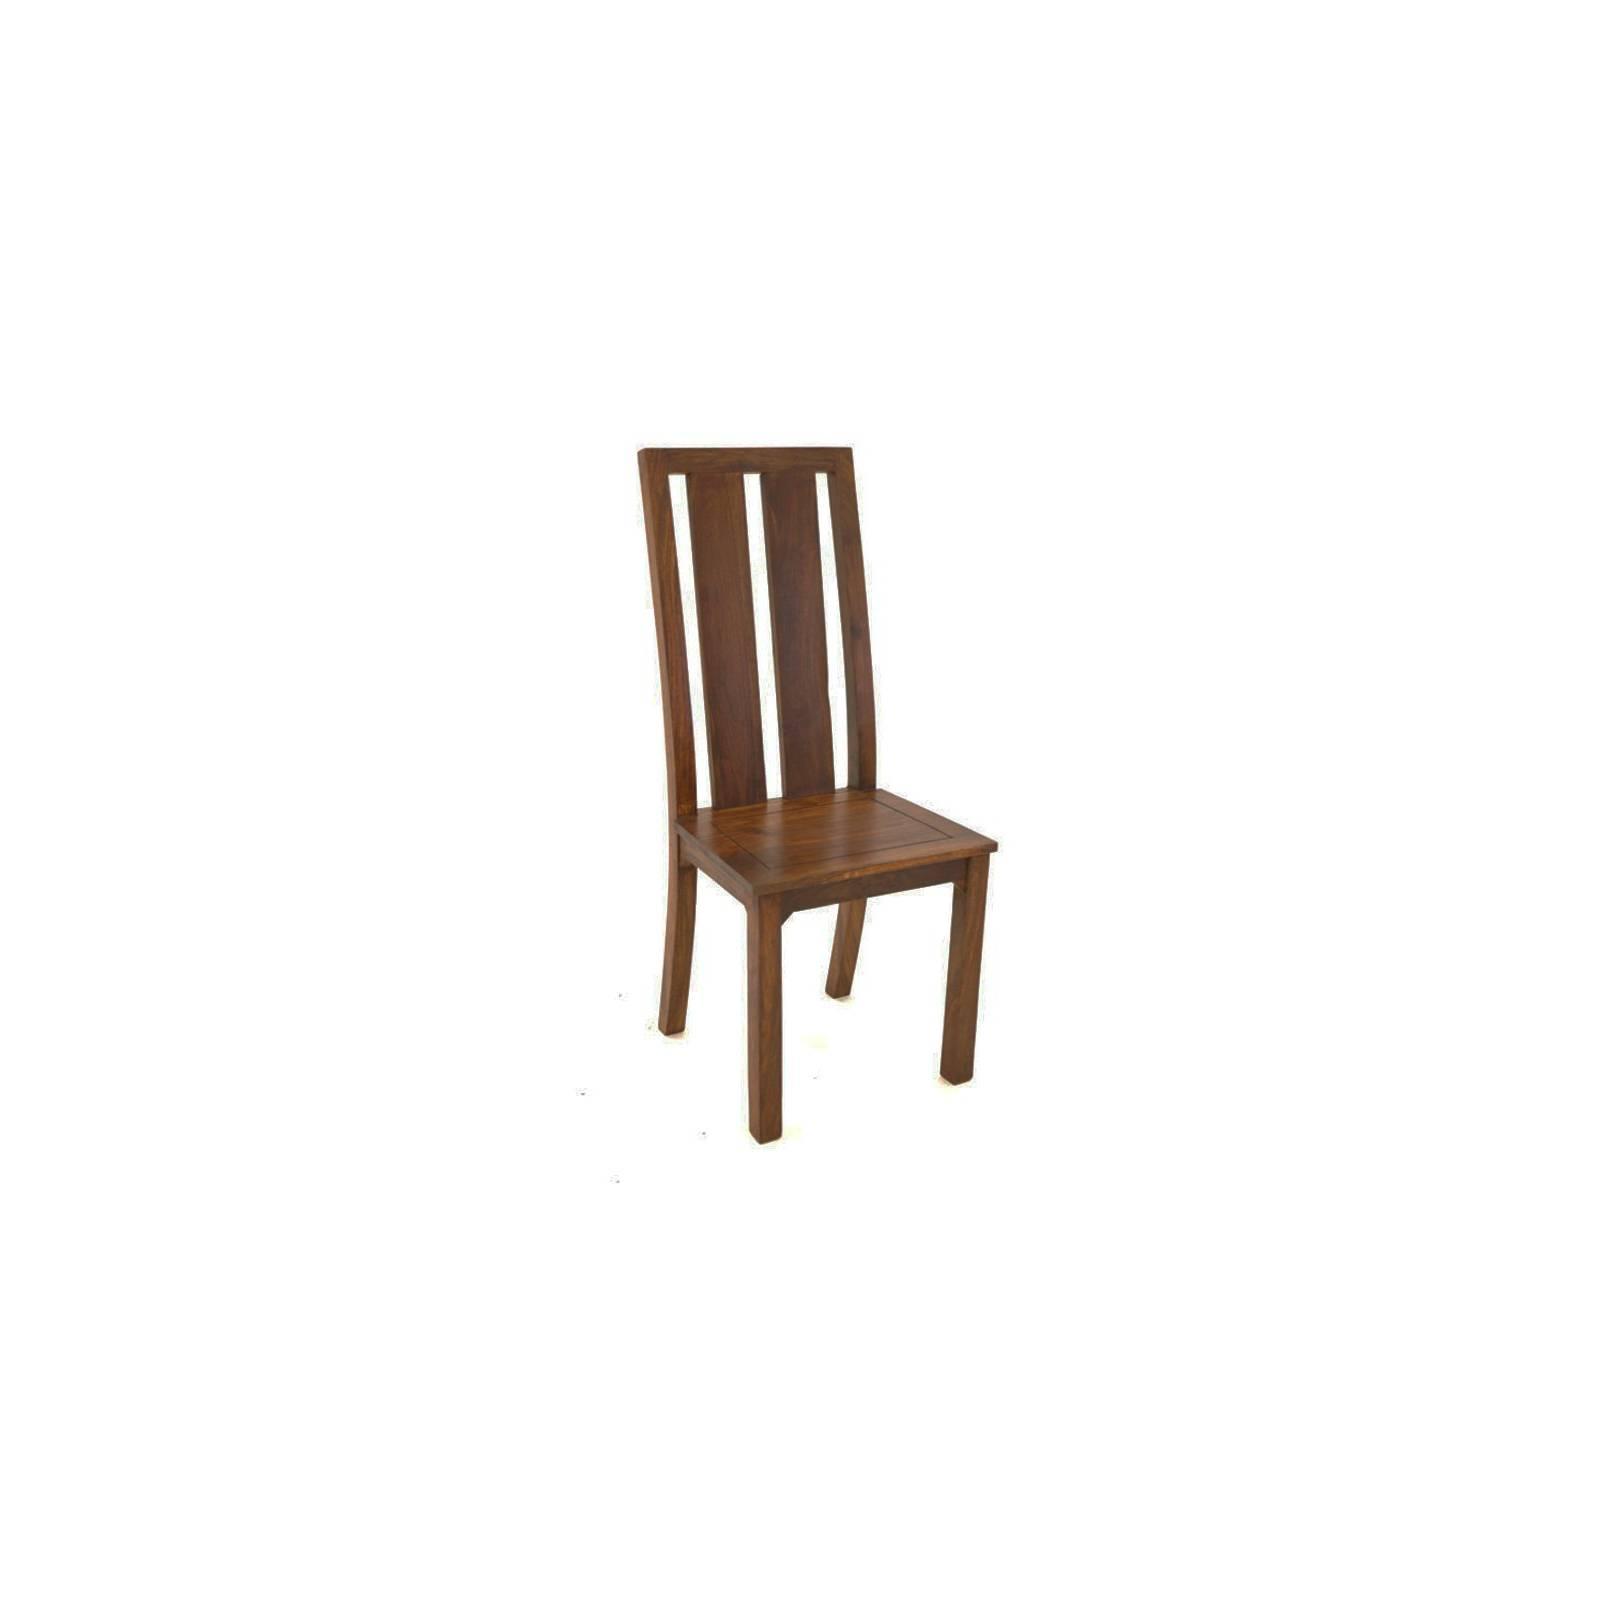 Chaise Palissandre Zen - meubles bois exotique